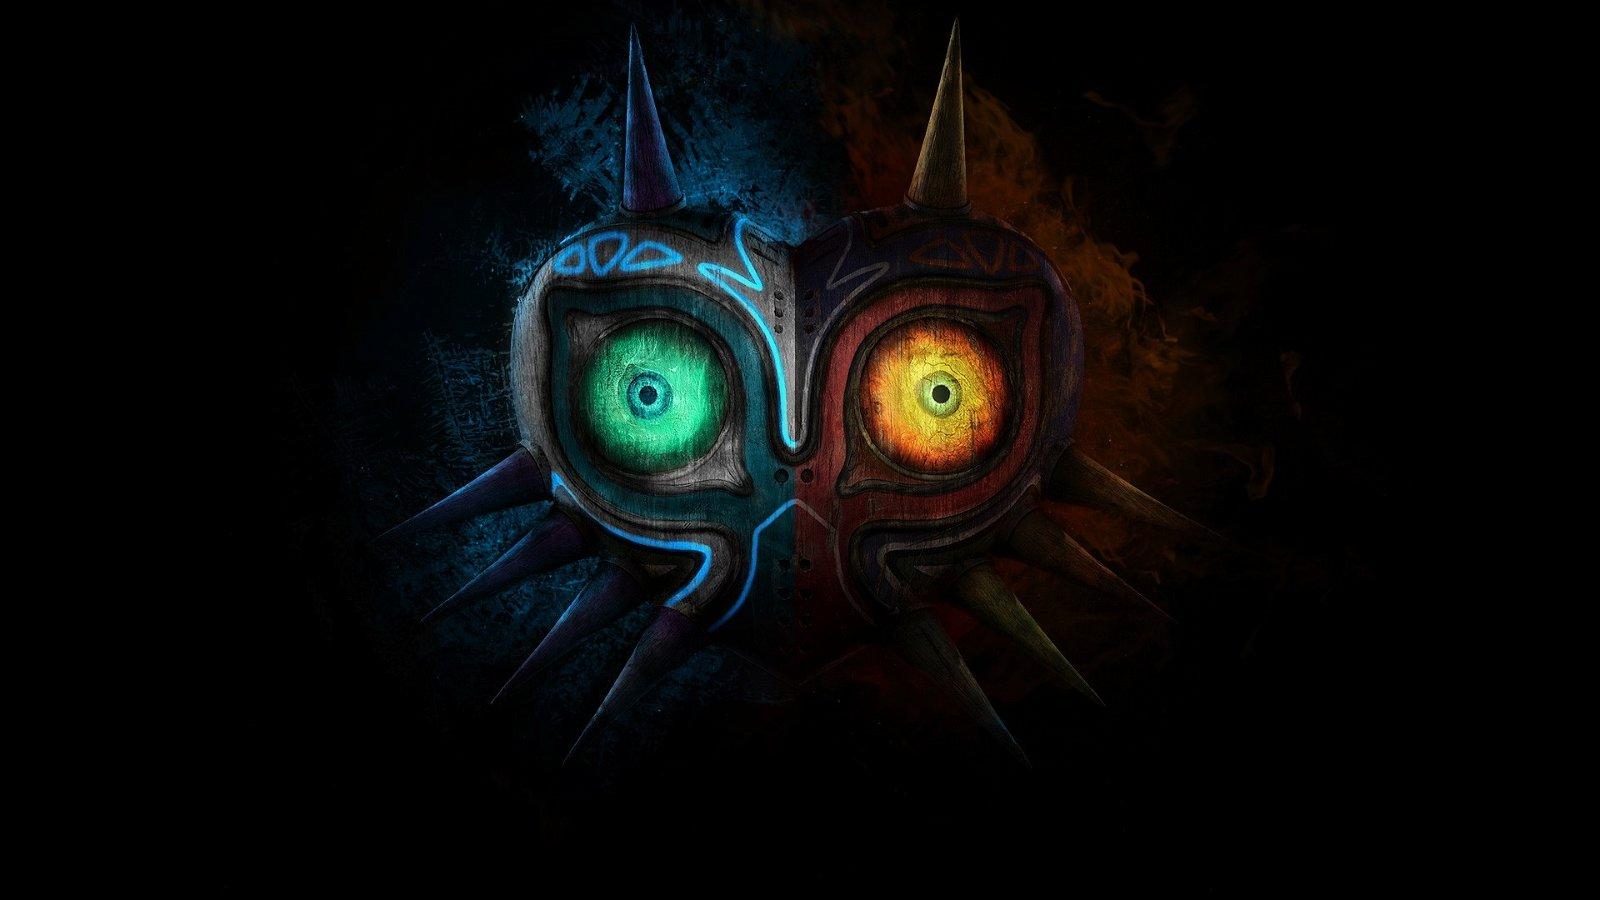 The Legend of Zelda: La película de Majora's Mask hecha por fans presenta un increíble teaser